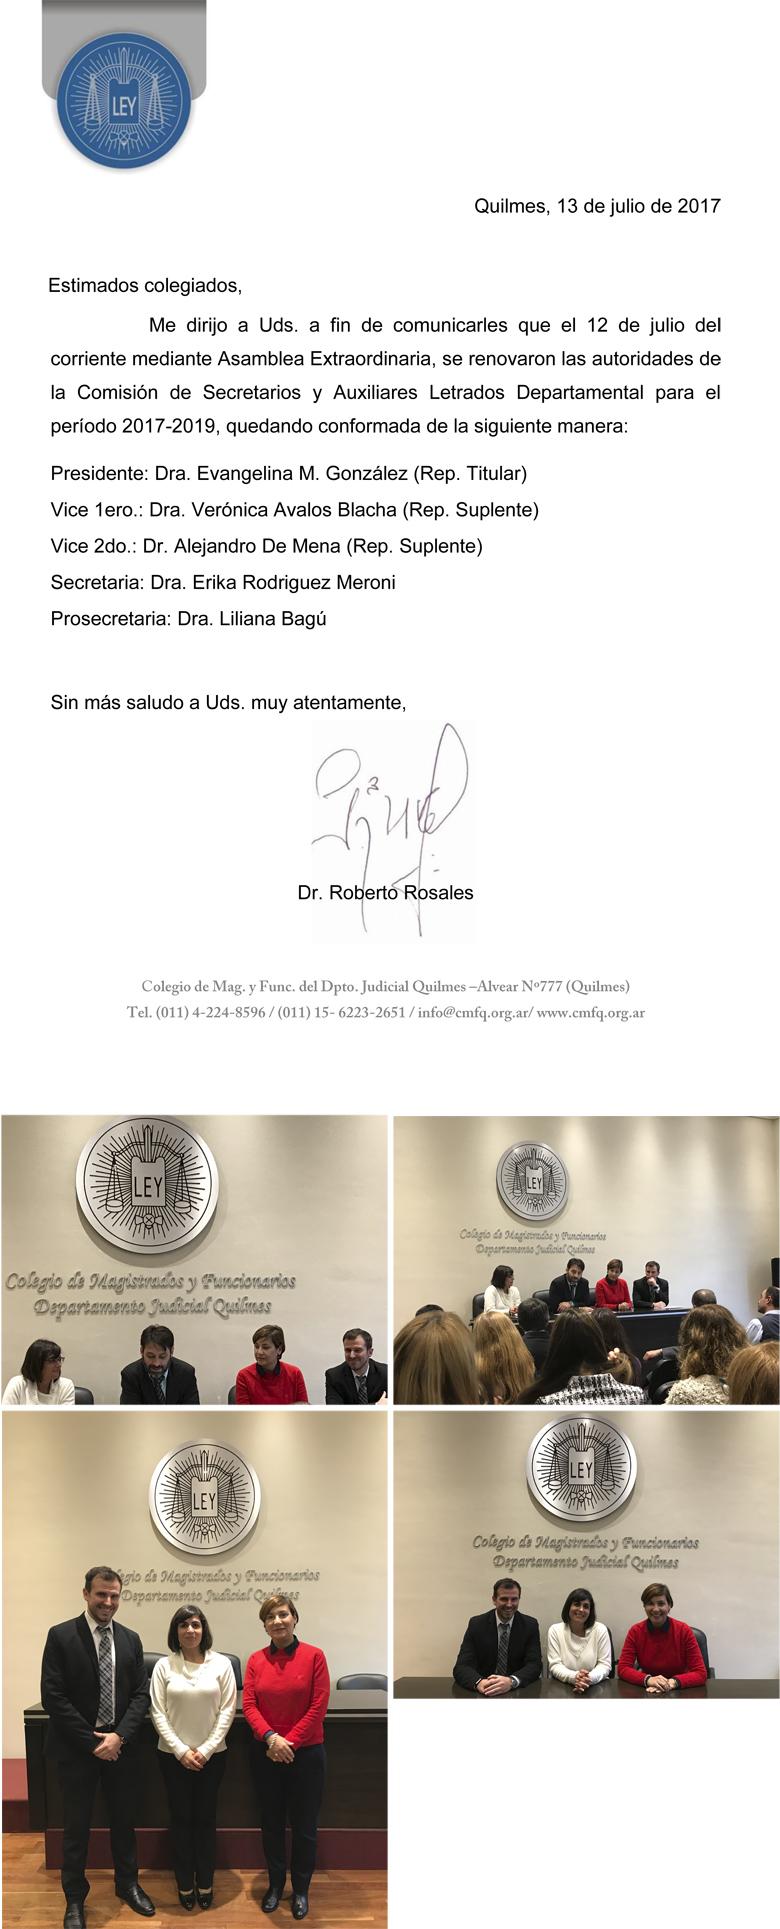 COMISIÓN DE SECRETARIOS Y AUXILIARES LETRADOS DEPARTAMENTAL